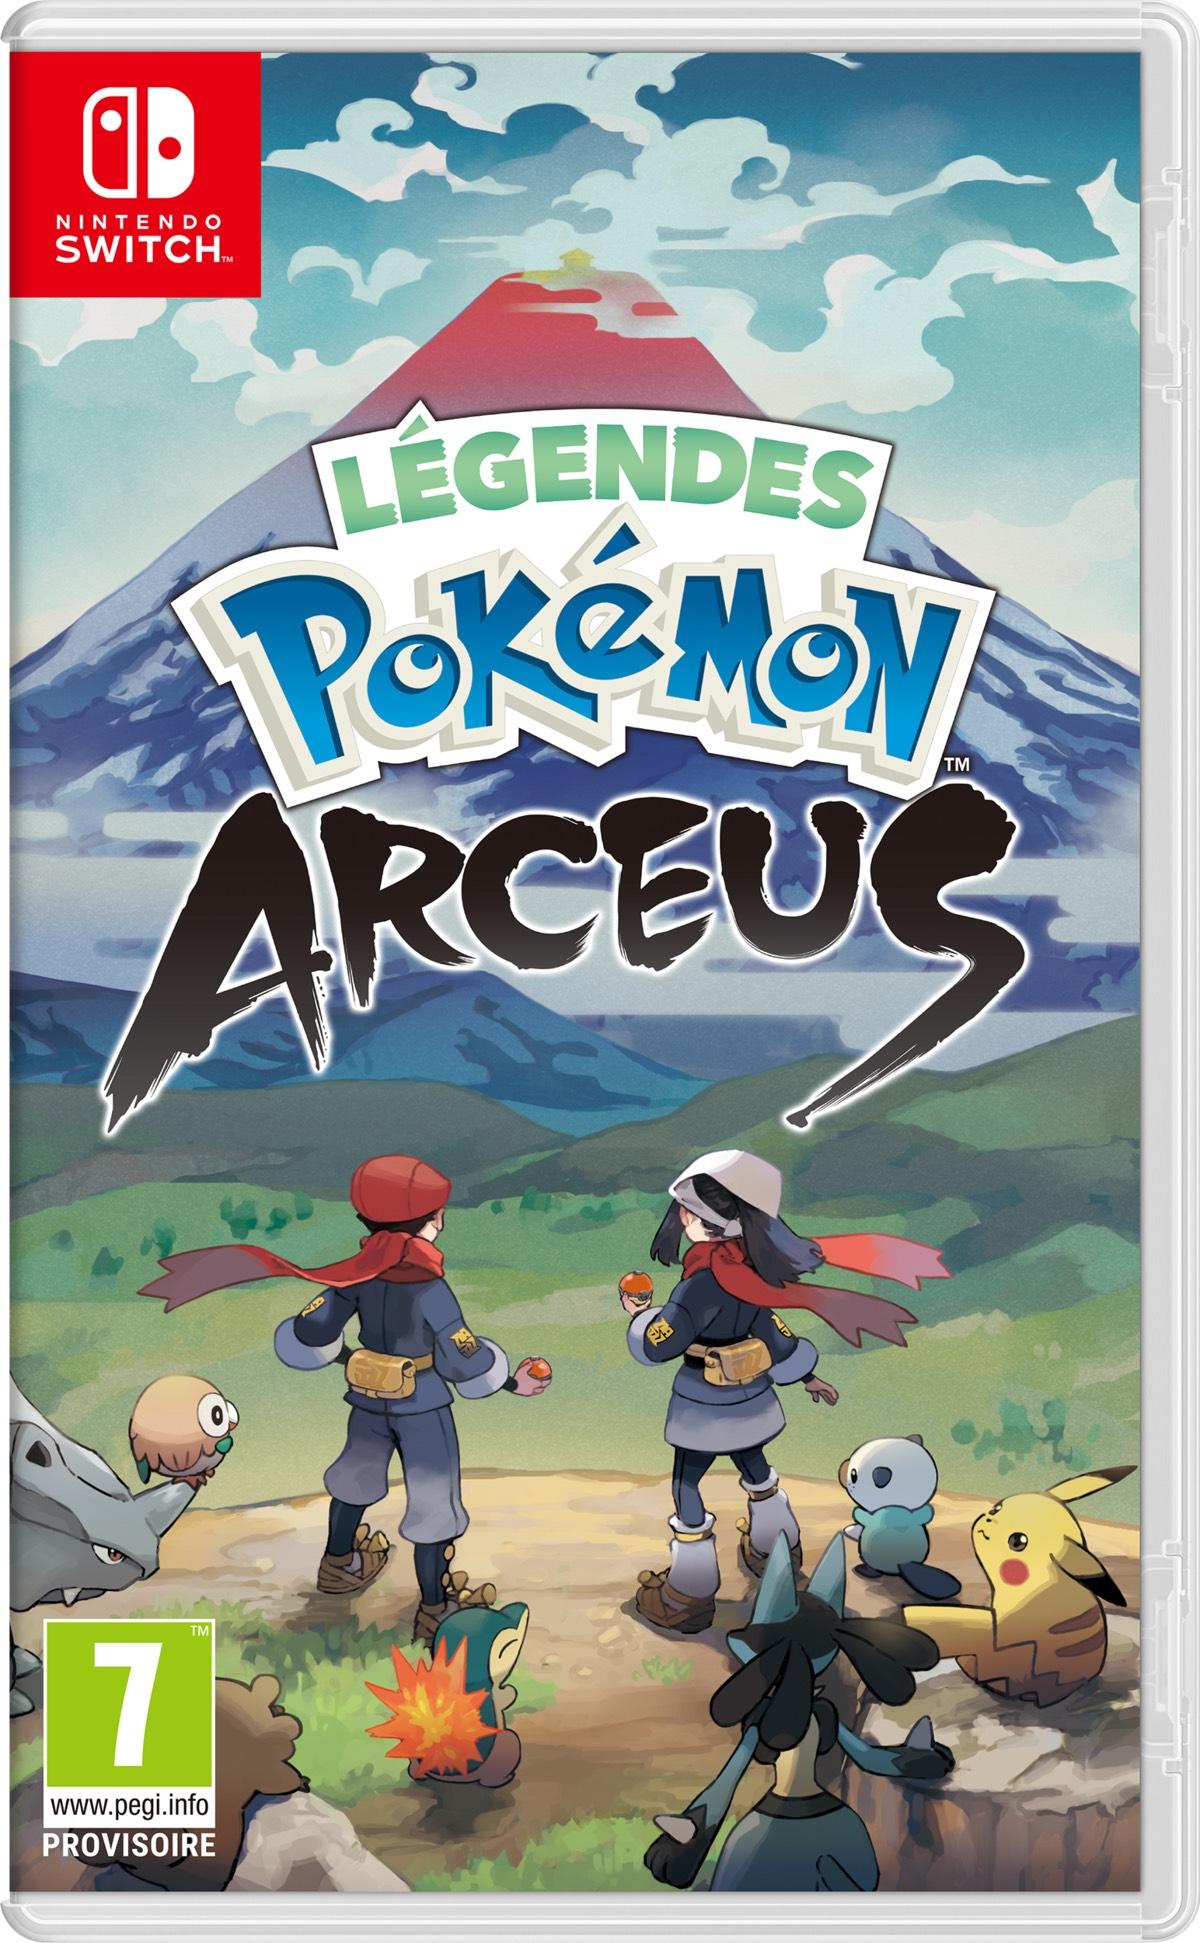 [Précommande] Légendes Pokémon : Arceus sur Nintendo Switch